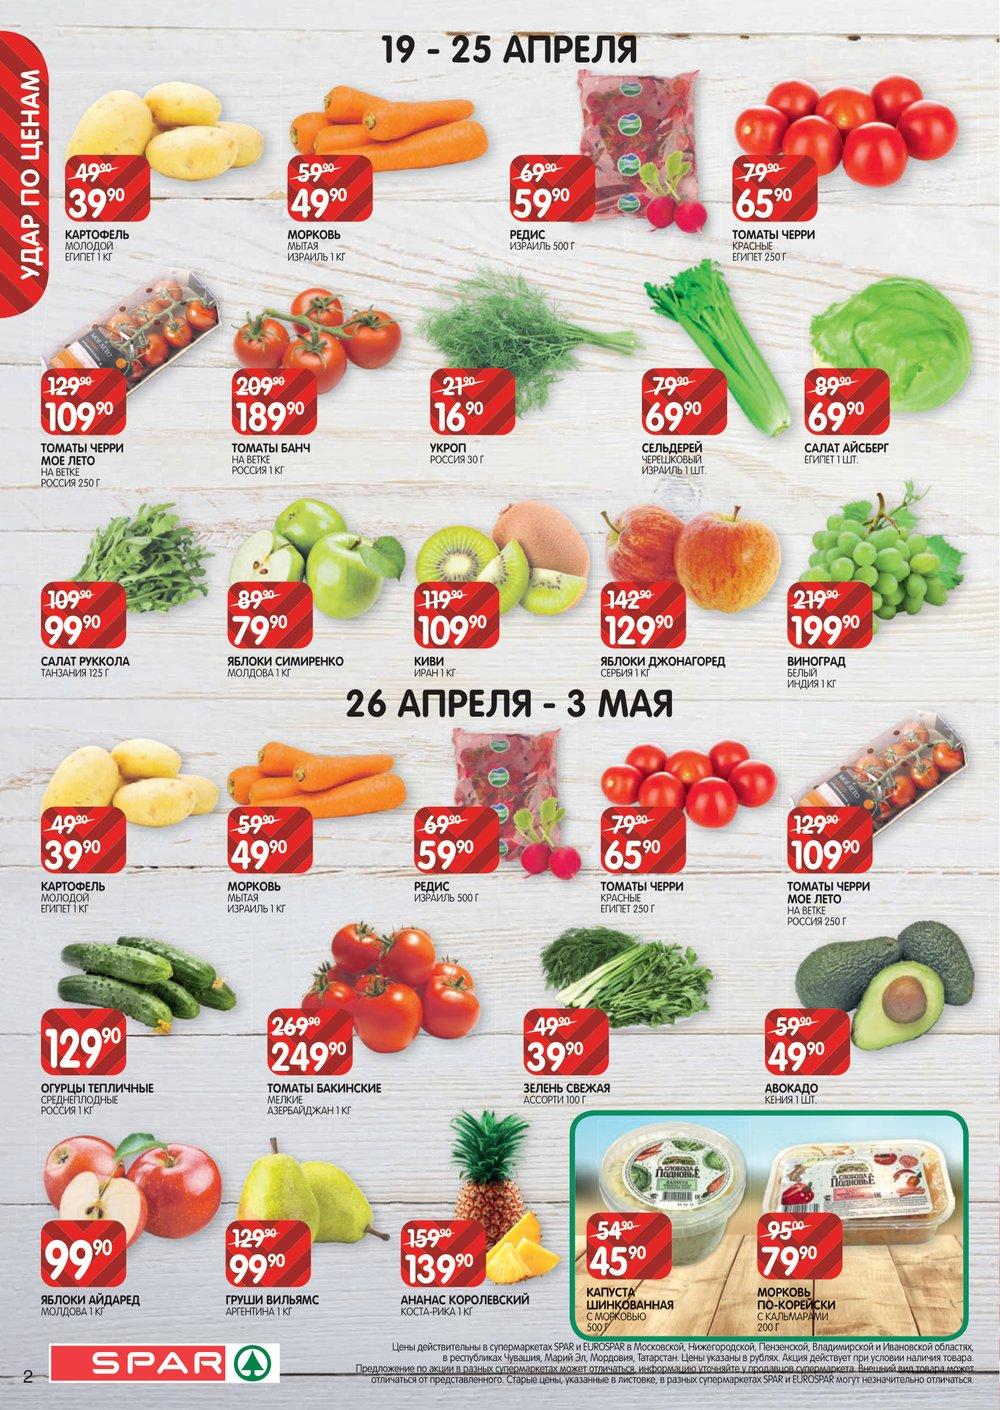 Каталог акций Spar с 19 апреля по 3 мая 2018 - стр. 2